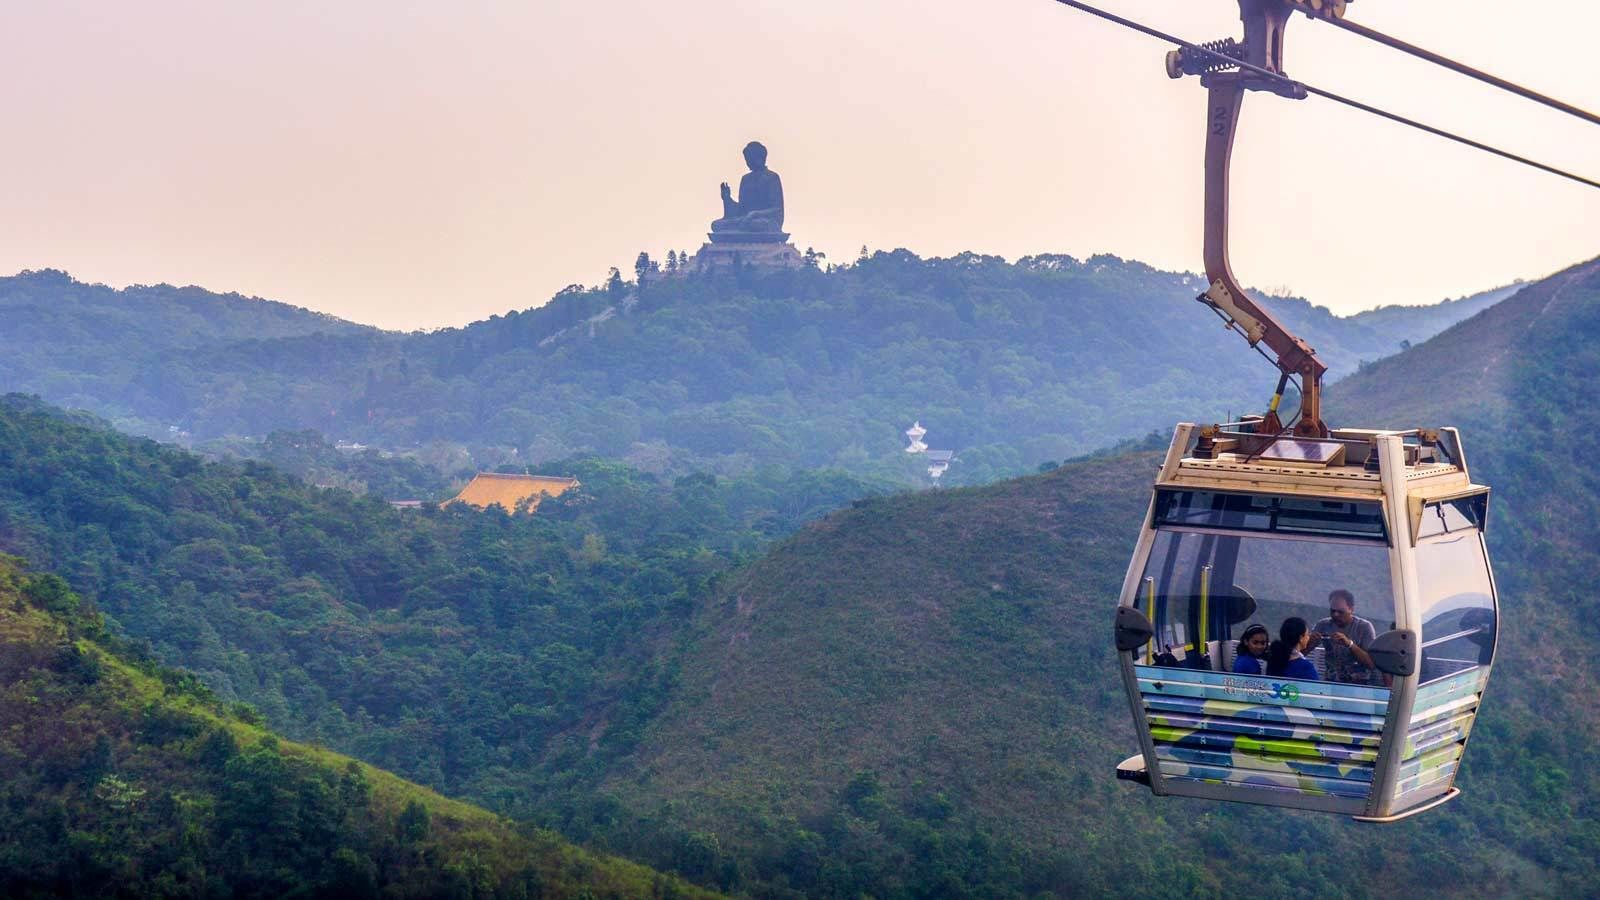 Close up of a gondola overlooking beautiful Hong Kong